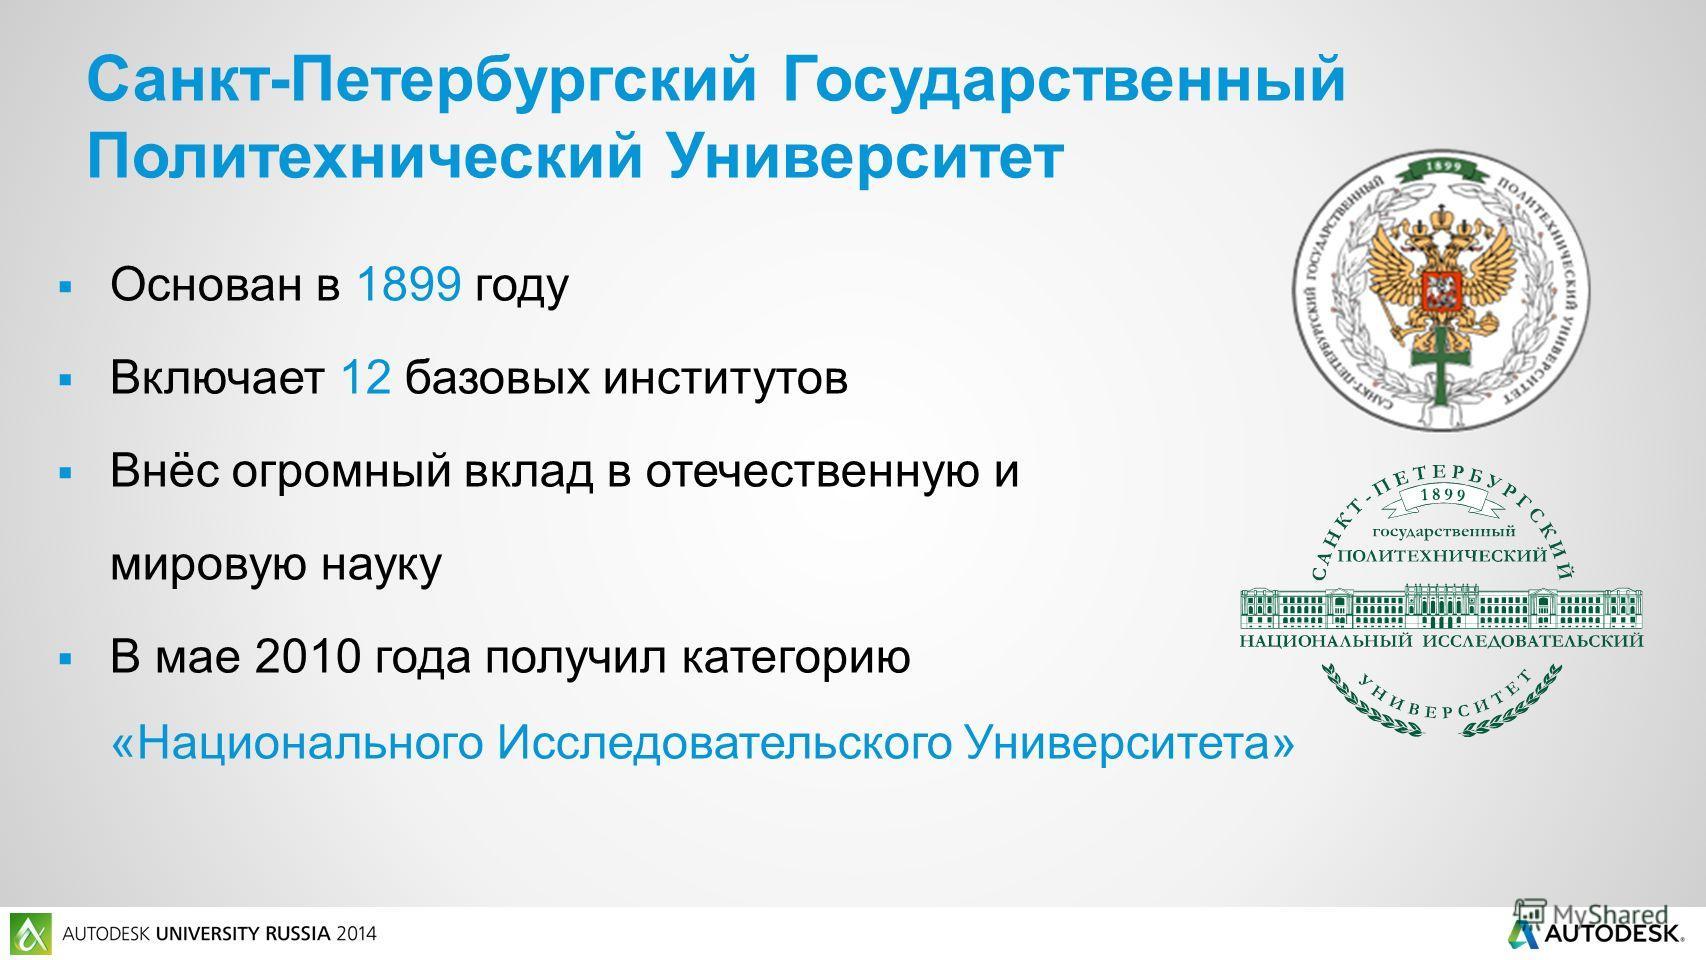 Основан в 1899 году Включает 12 базовых институтов Внёс огромный вклад в отечественную и мировую науку В мае 2010 года получил категорию «Национального Исследовательского Университета» Санкт-Петербургский Государственный Политехнический Университет